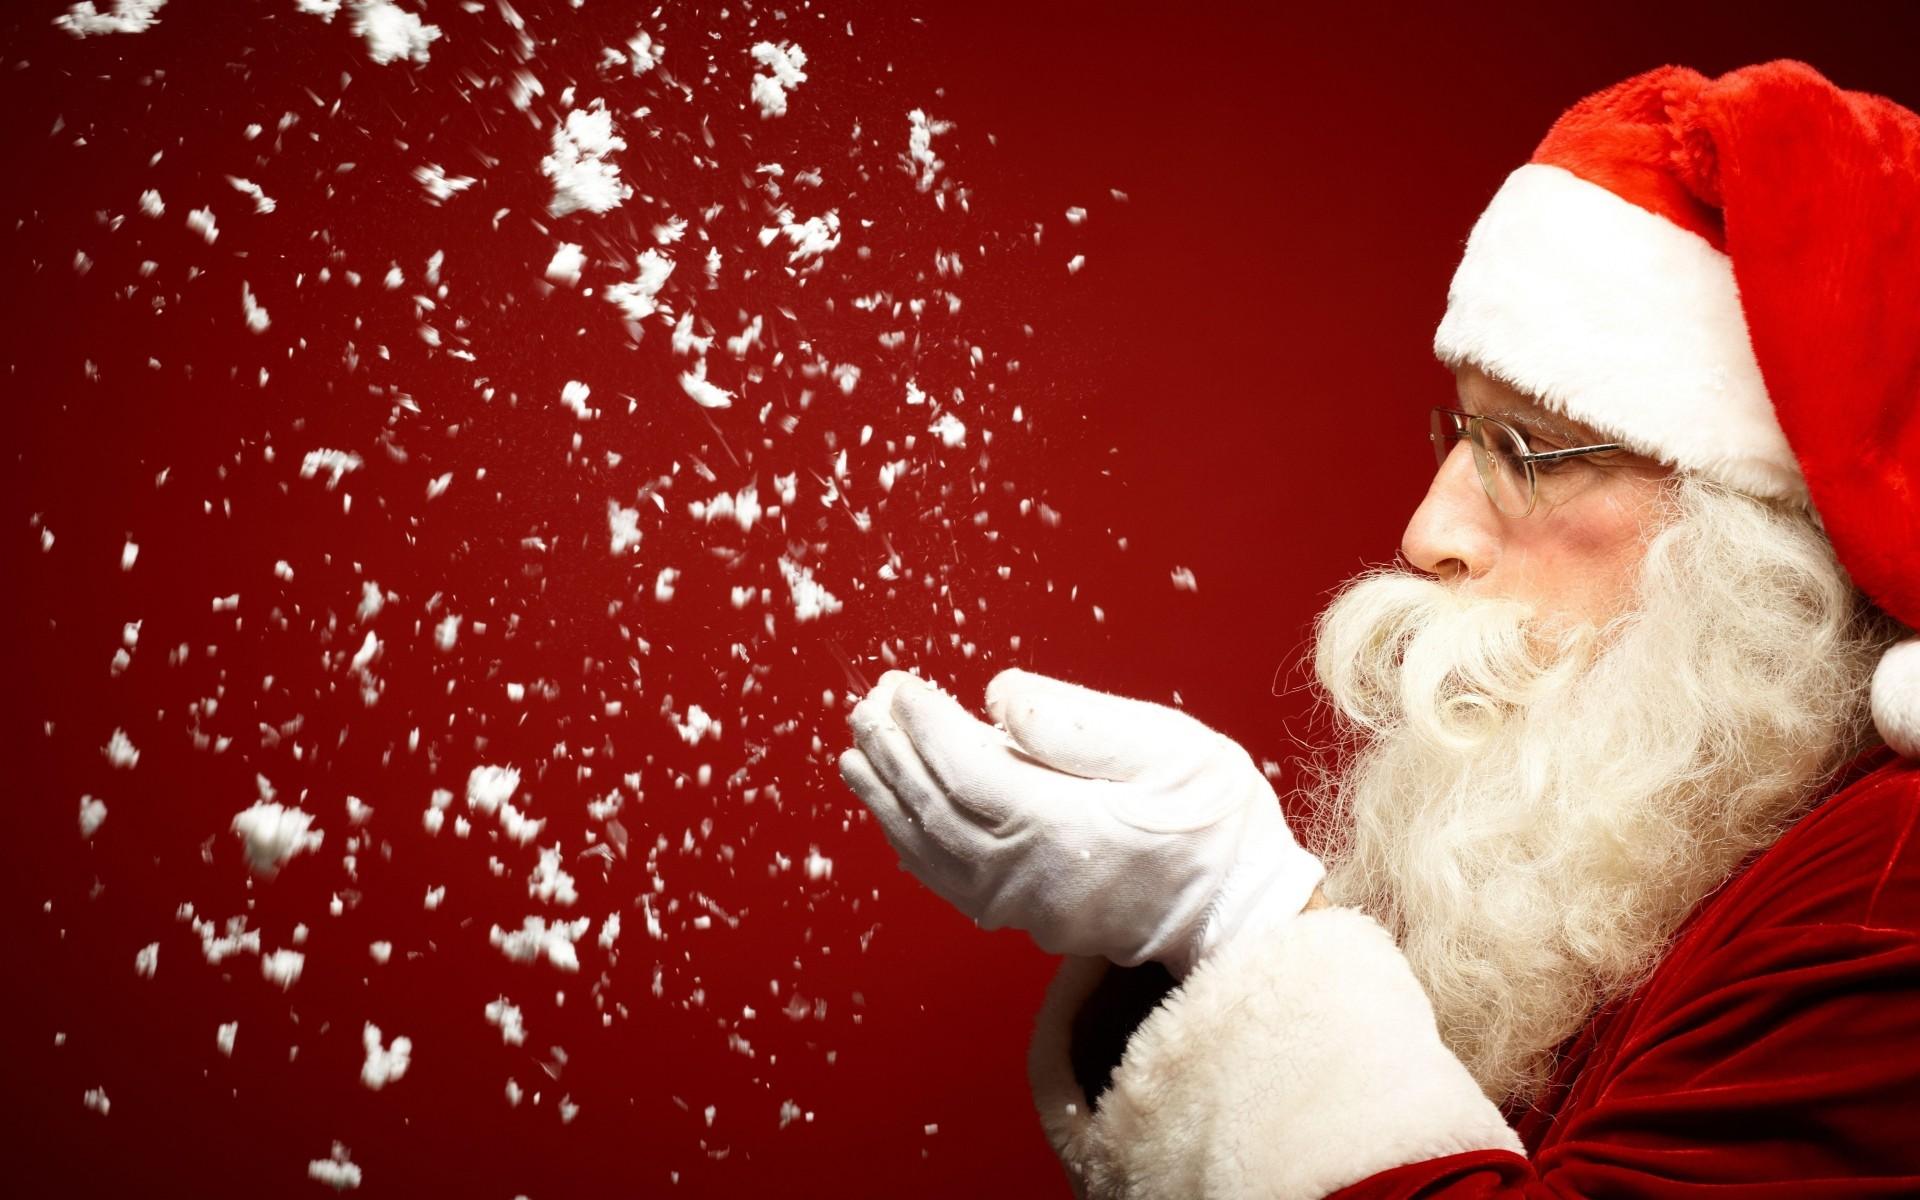 Christmas Santa Claus Desktop Backgrounds